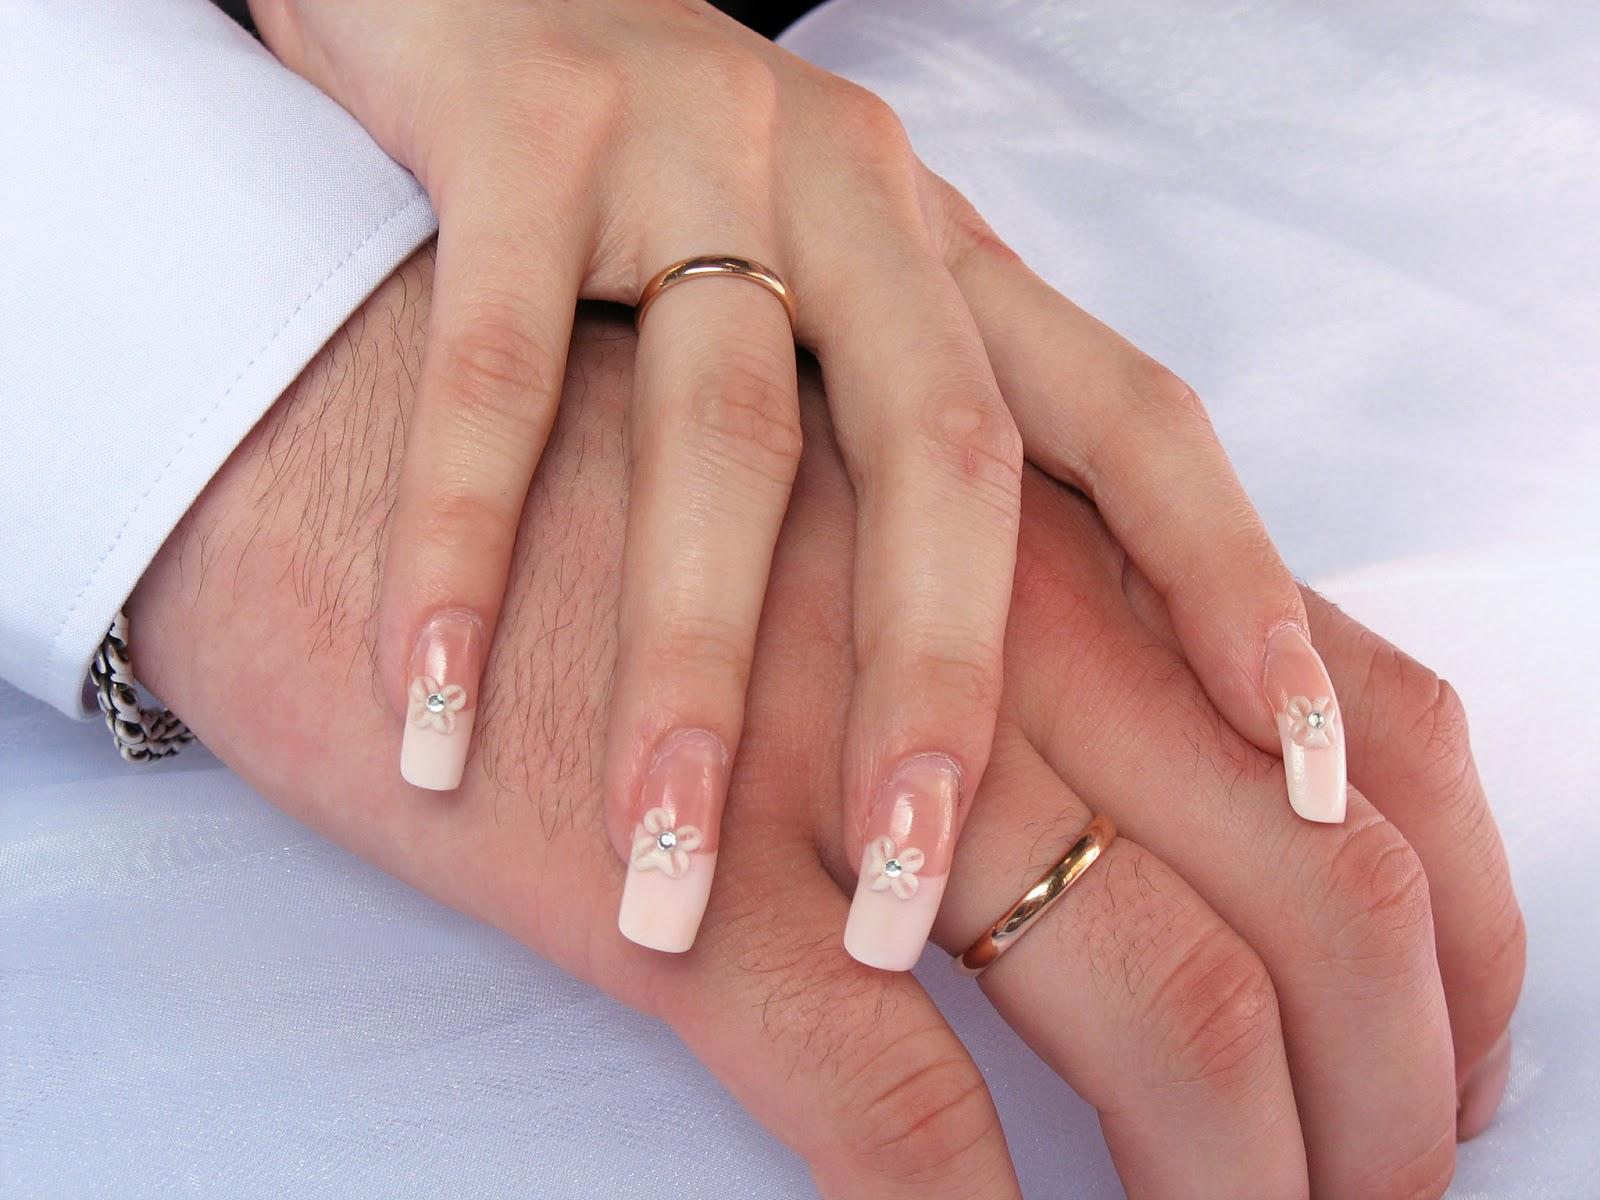 ставят картинки обручального кольца на пальце странице